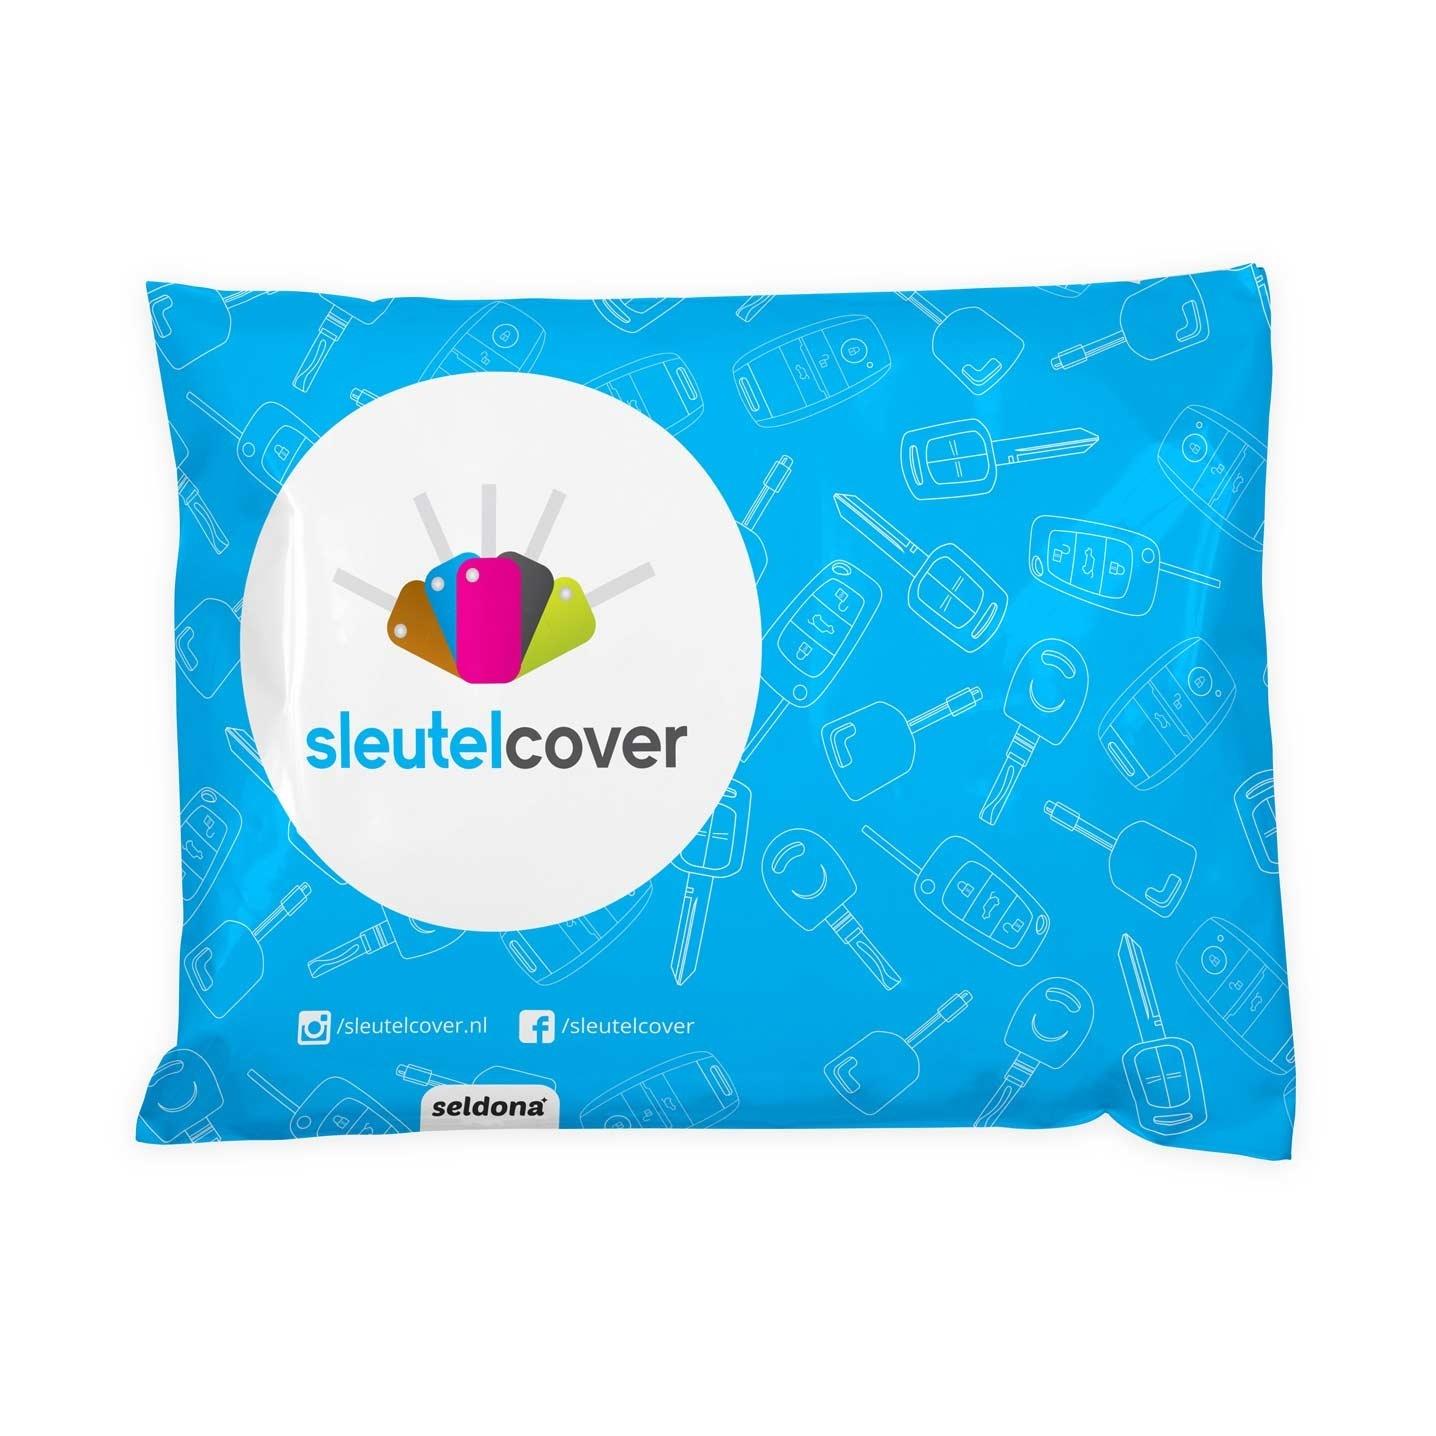 Skoda SleutelCover - Wit / Silicone sleutelhoesje / beschermhoesje autosleutel